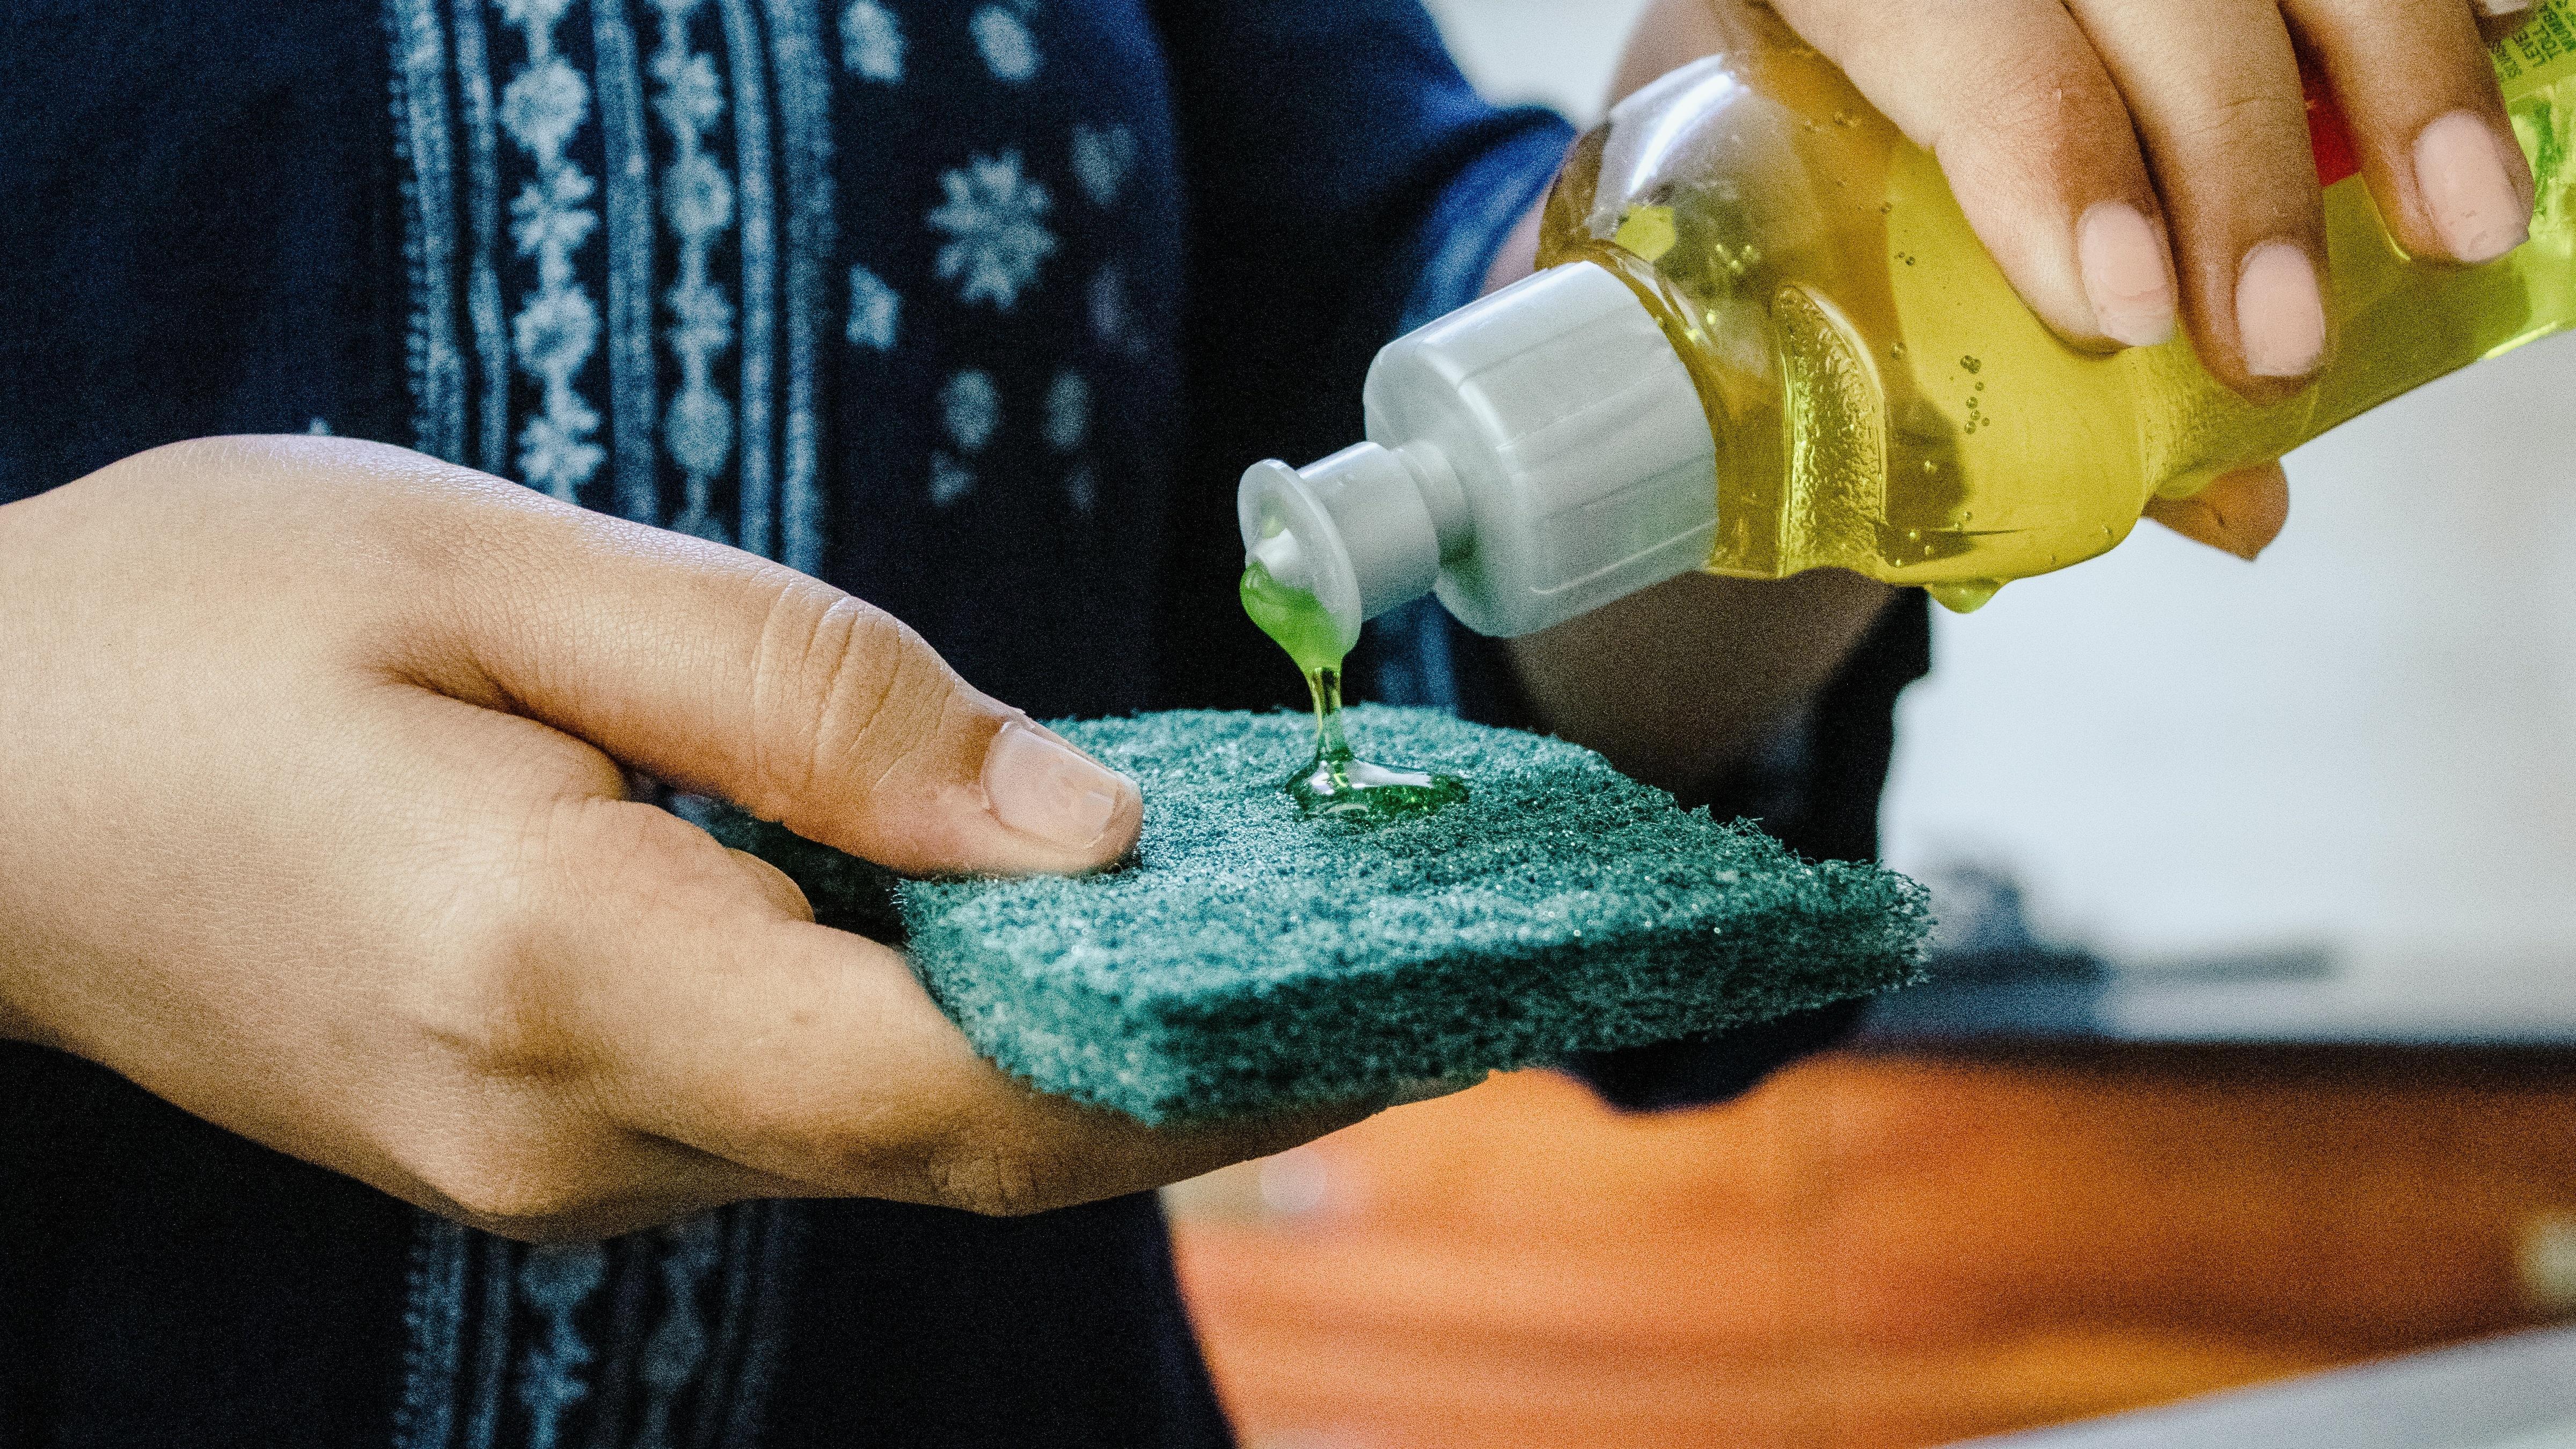 Um den Abfluss in der Küche zu reinigen und auf Dauer sauber zu halten, kann ein regelmäßiges Spülen mit Spülmittel helfen, Fett- und Essensreste zu lösen.